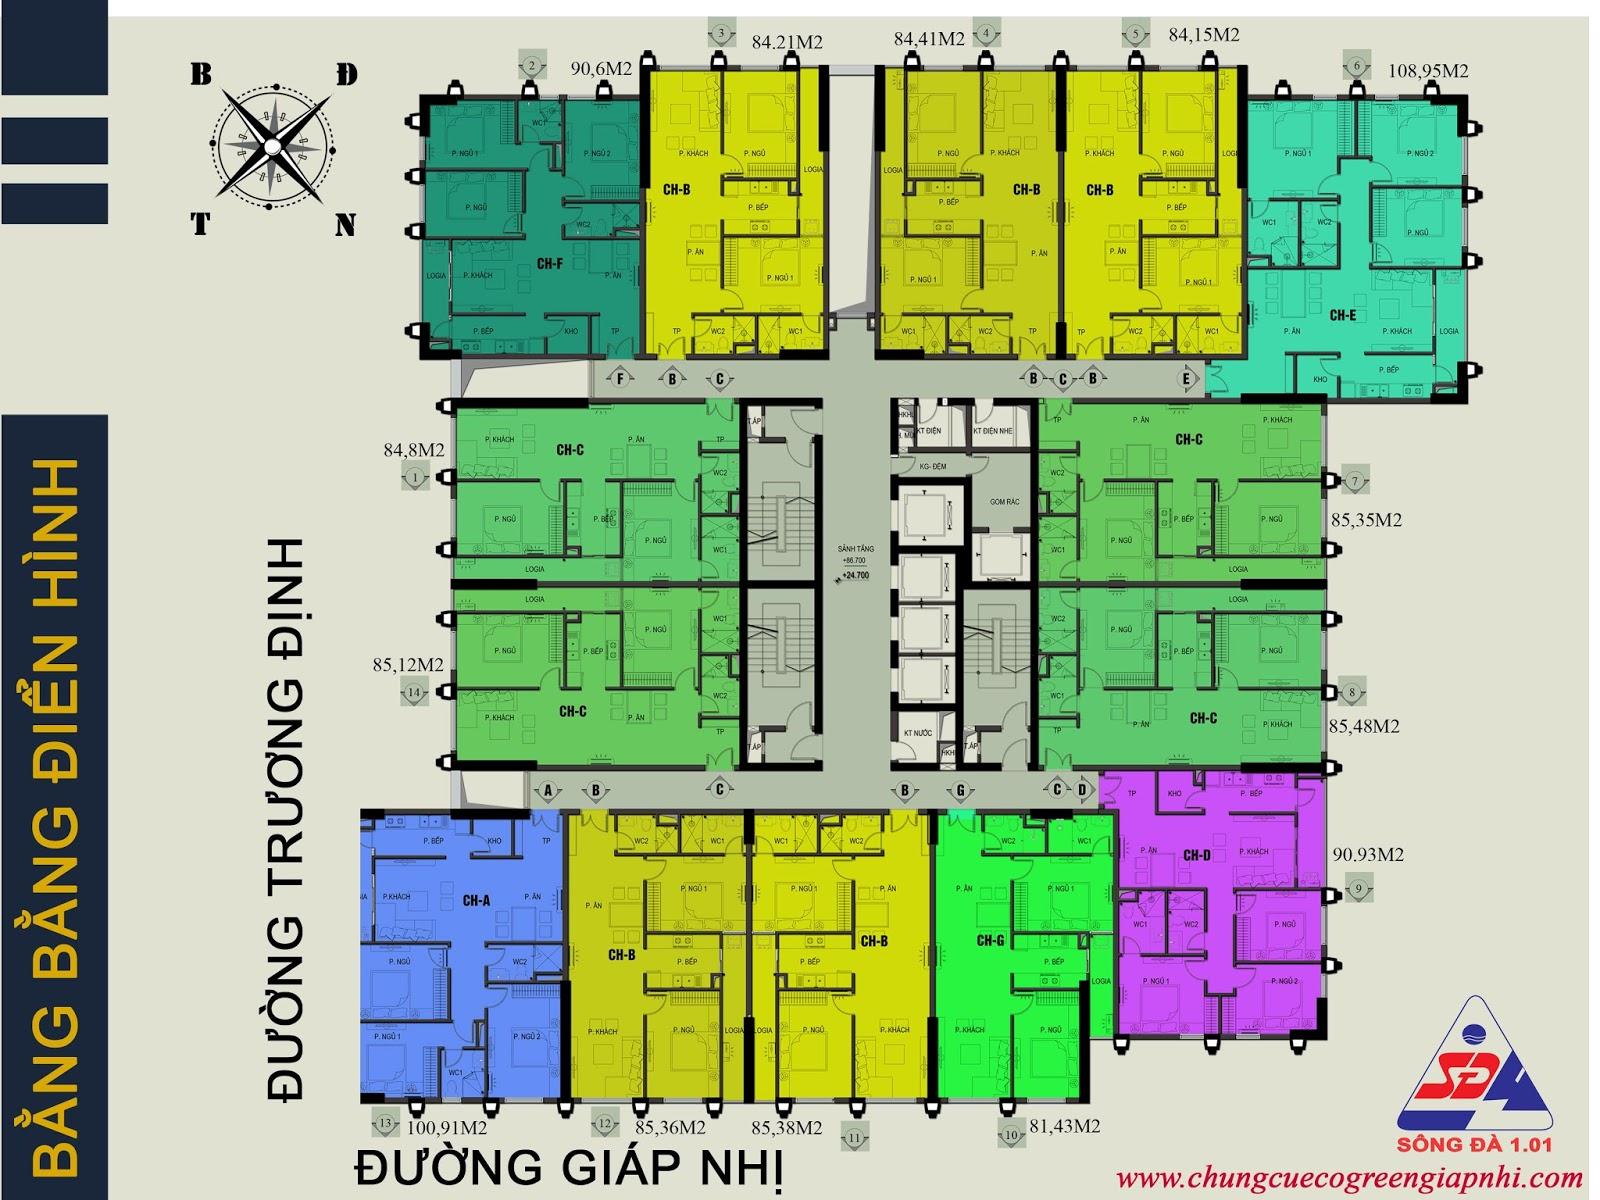 Thiết kế căn hộ CH11 - 85,38m2 căn 2 phòng ngủ